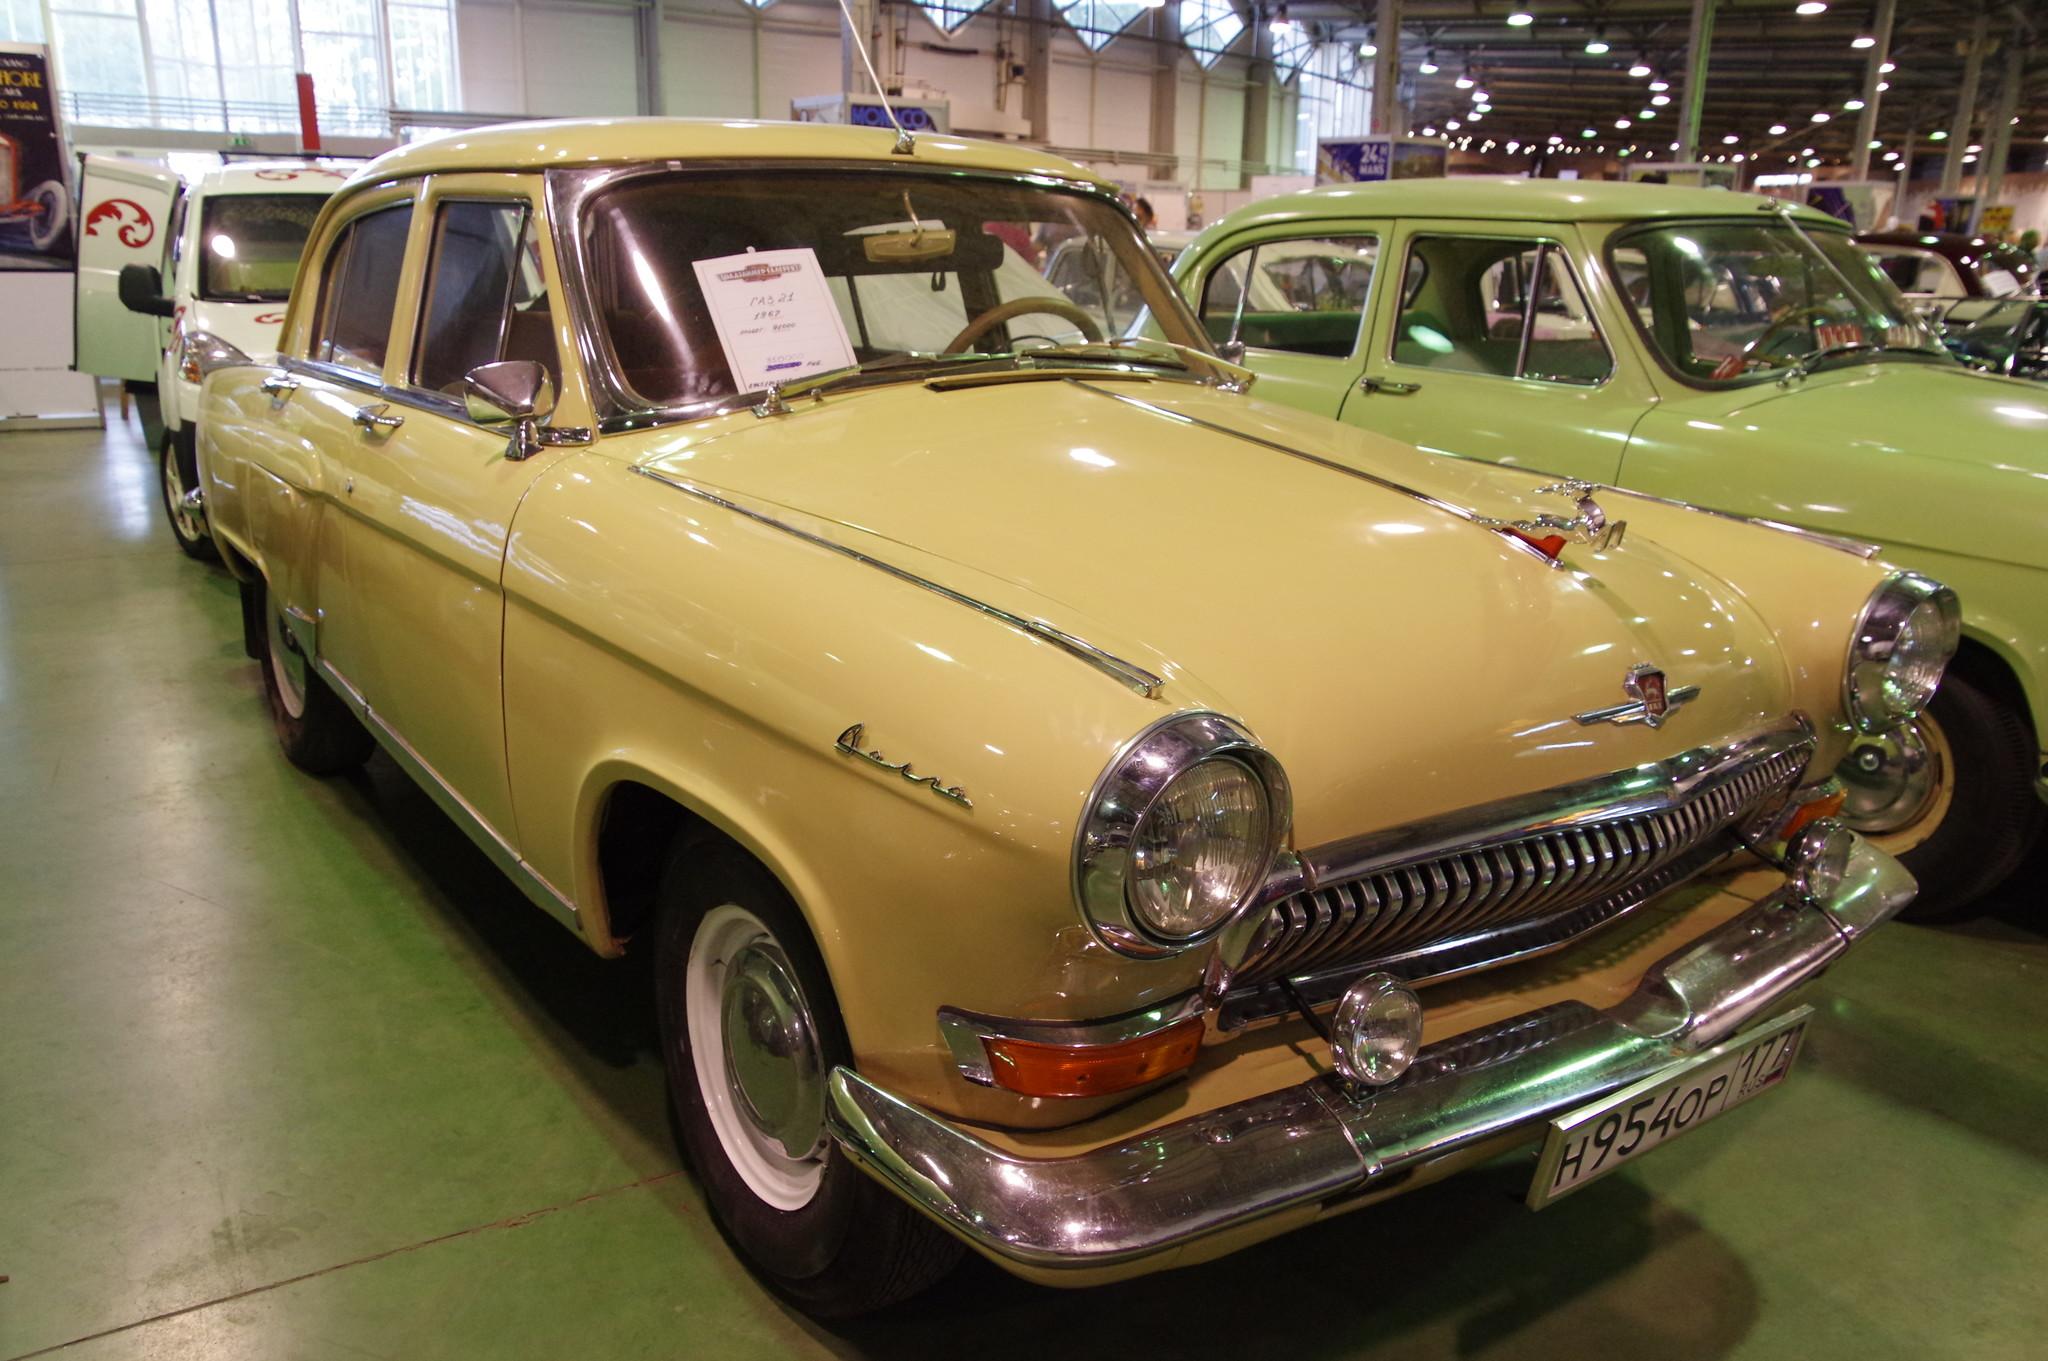 Автомобиль ГАЗ-21 «Волга» 1967 года выпуска